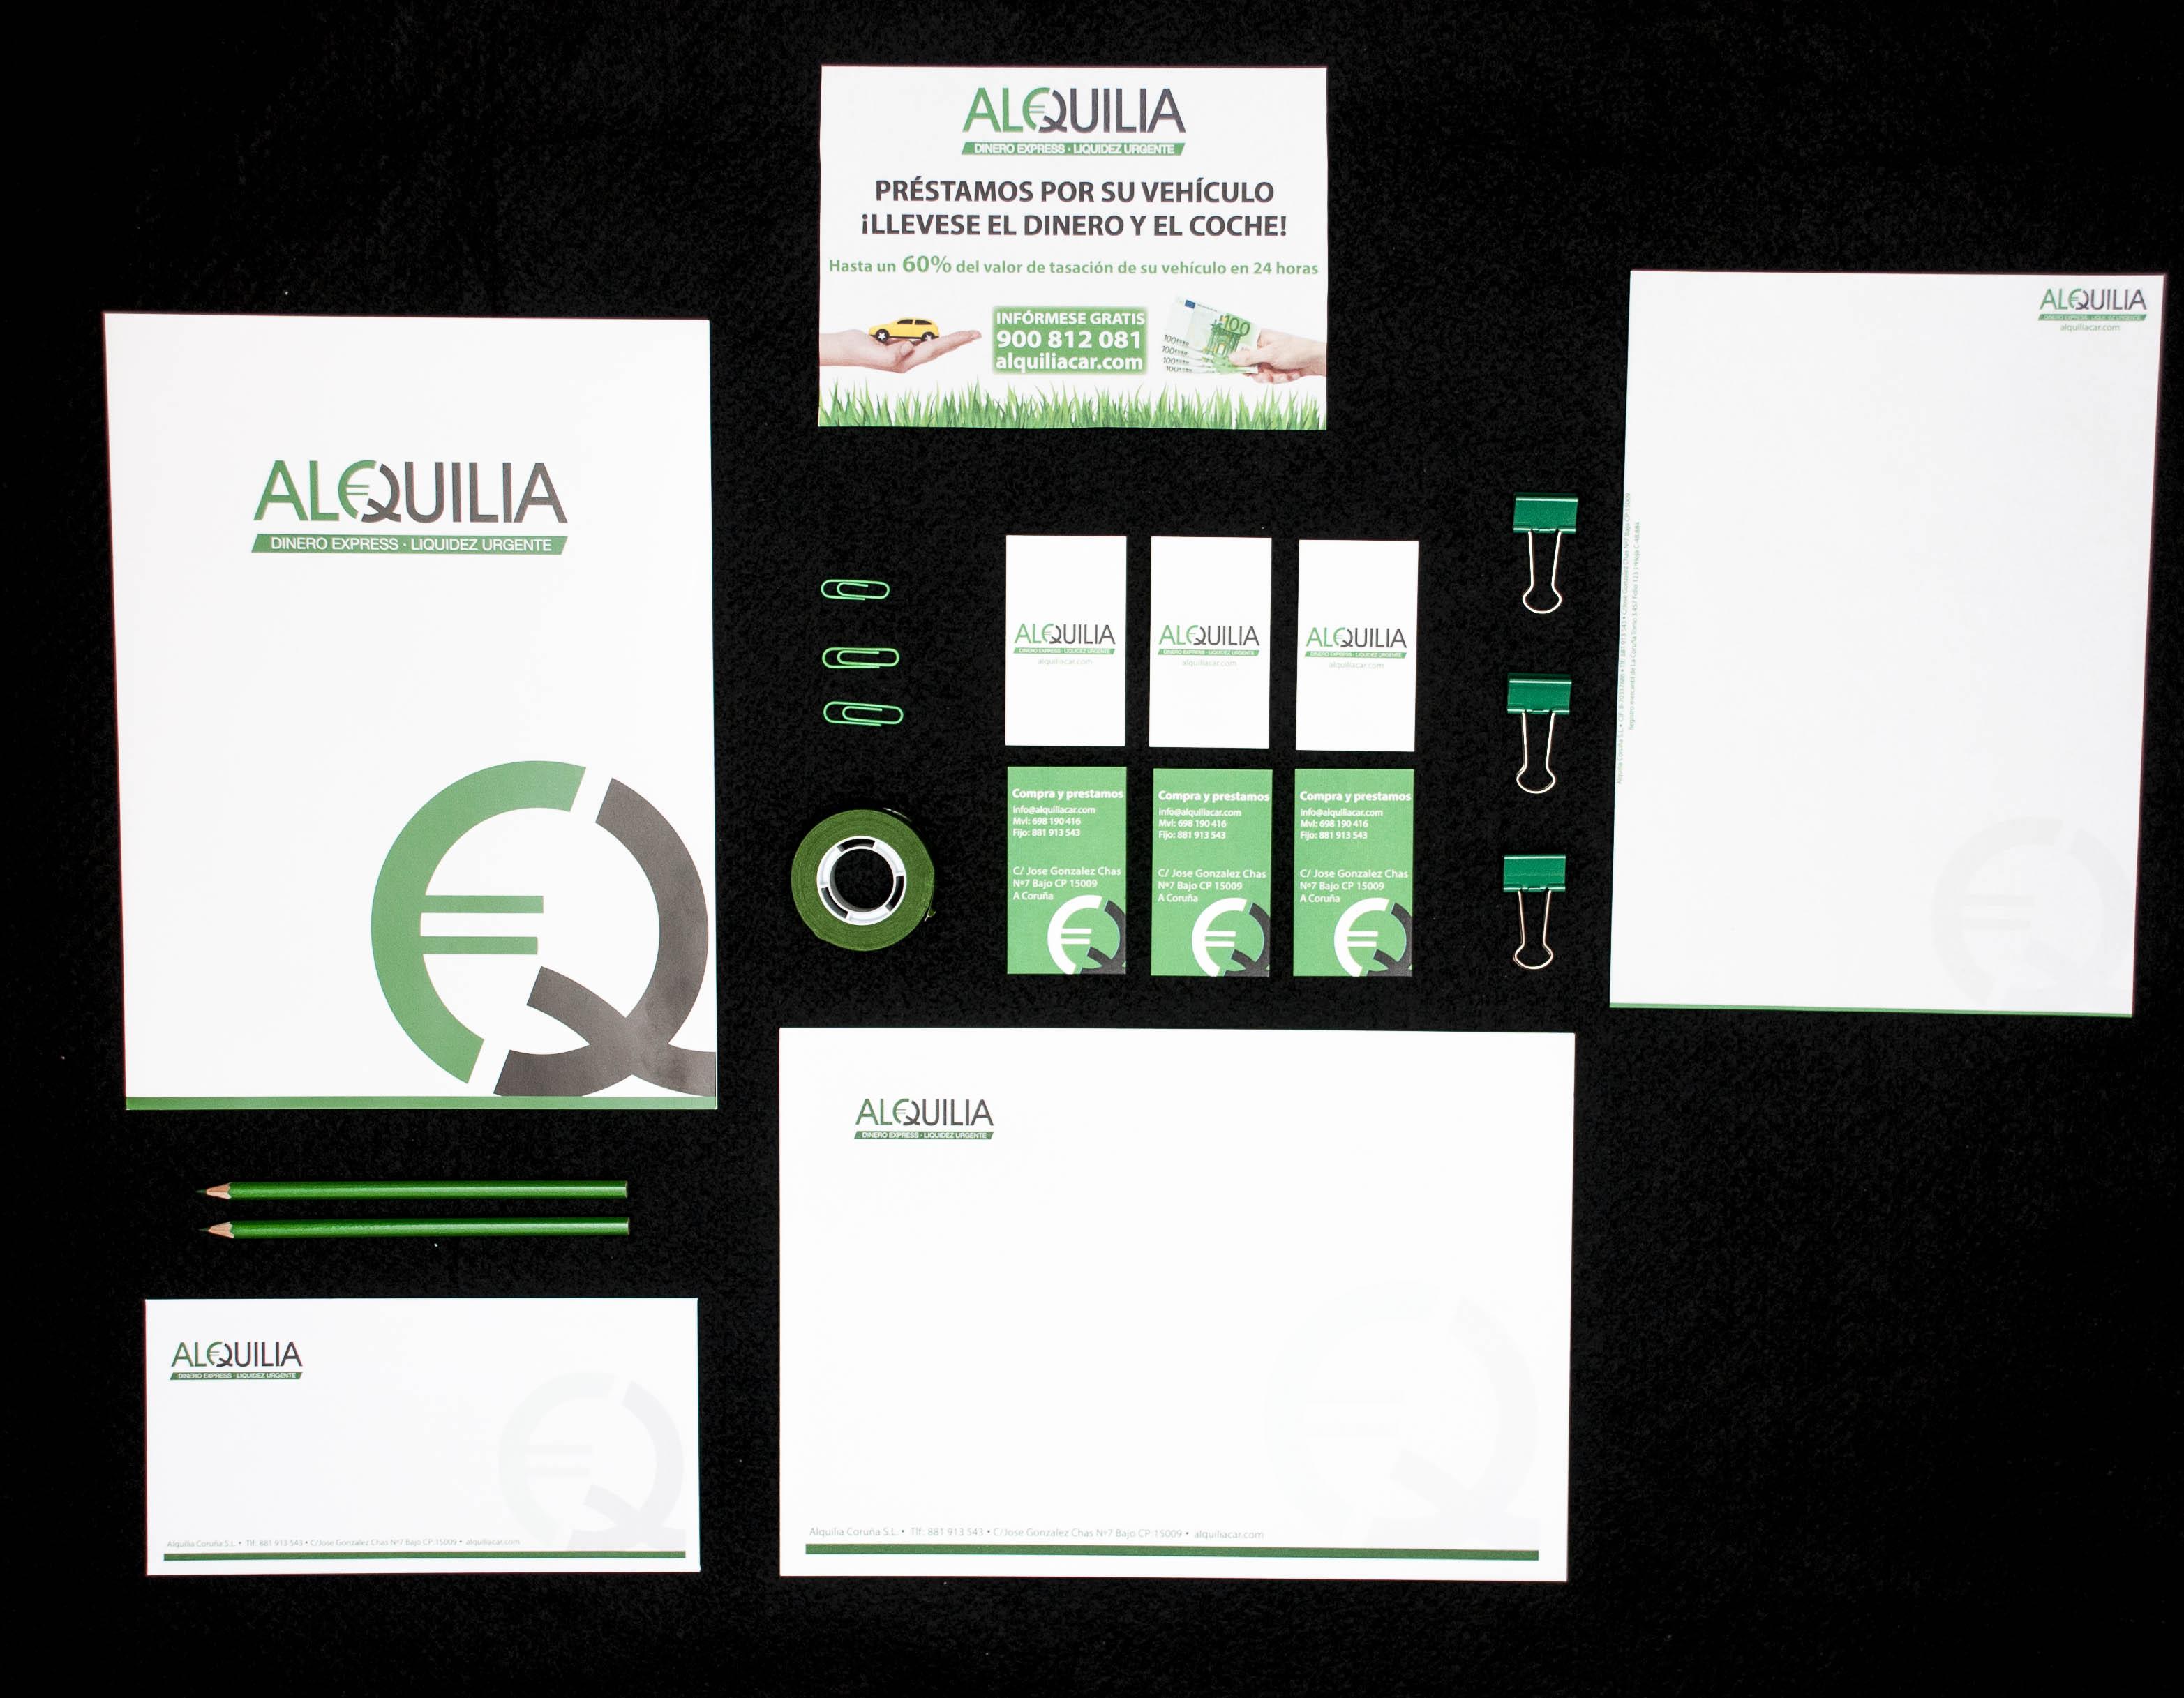 Alquilia-1